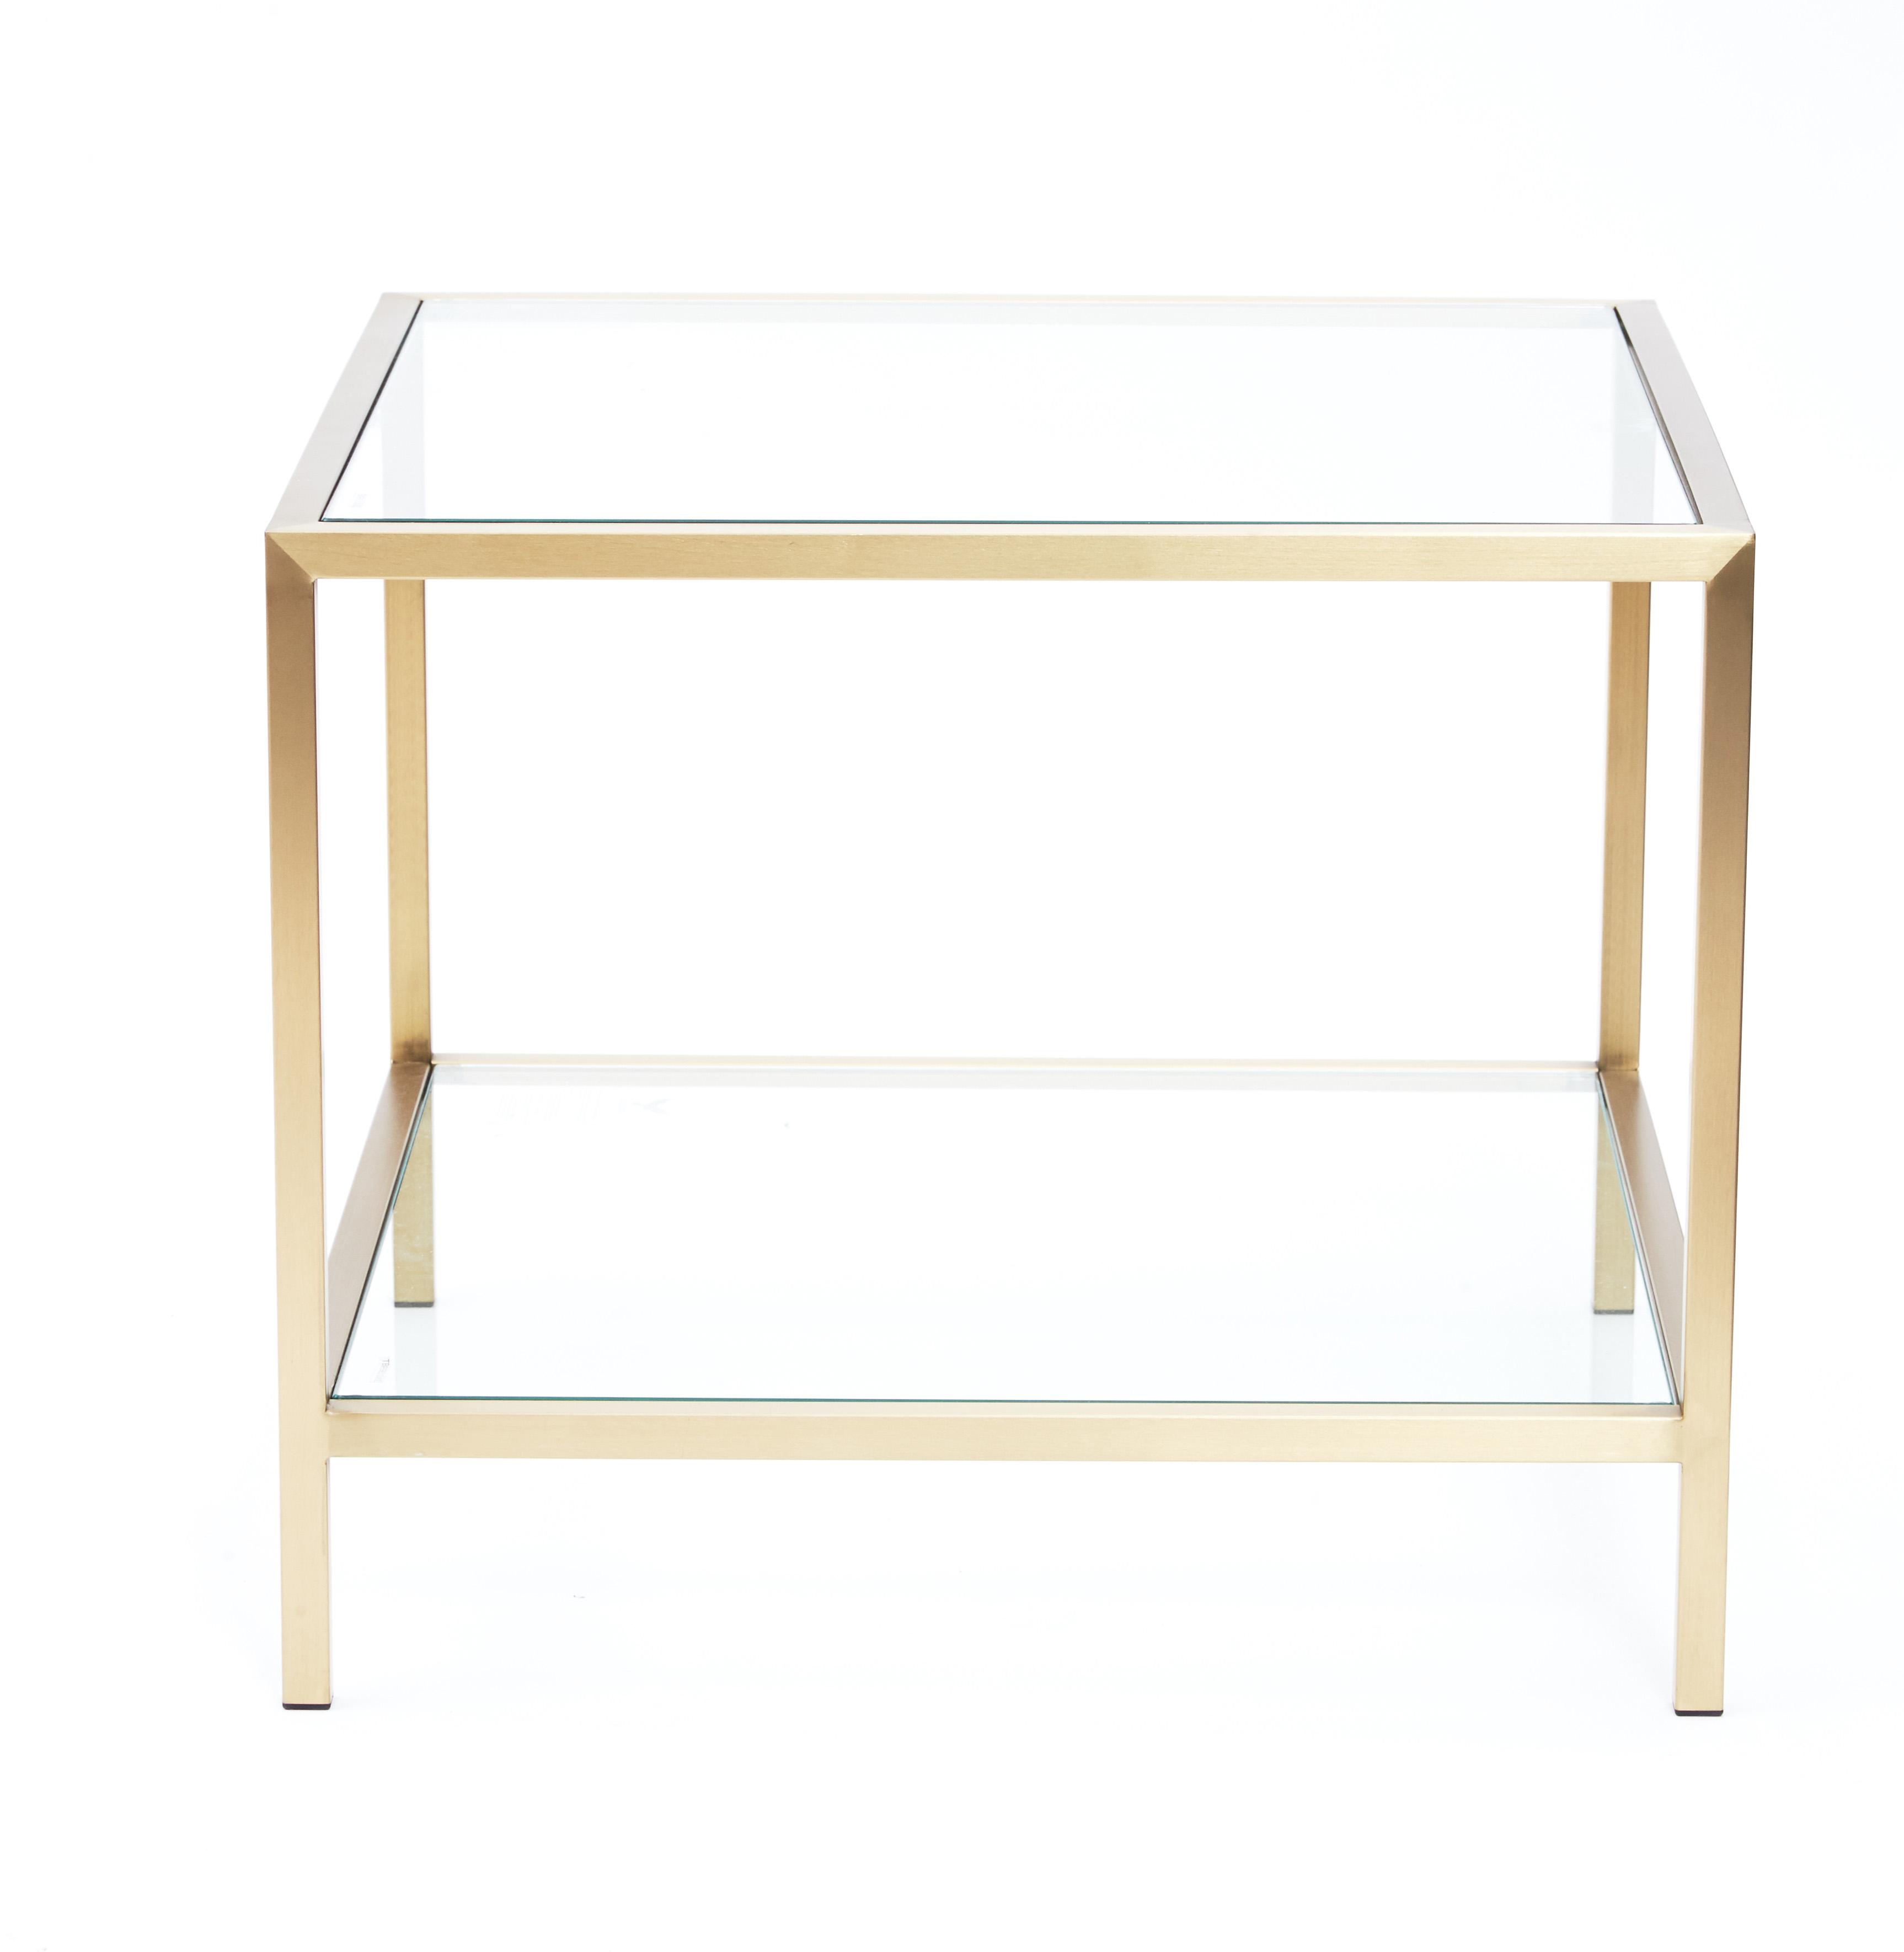 Dekko Lamp Table